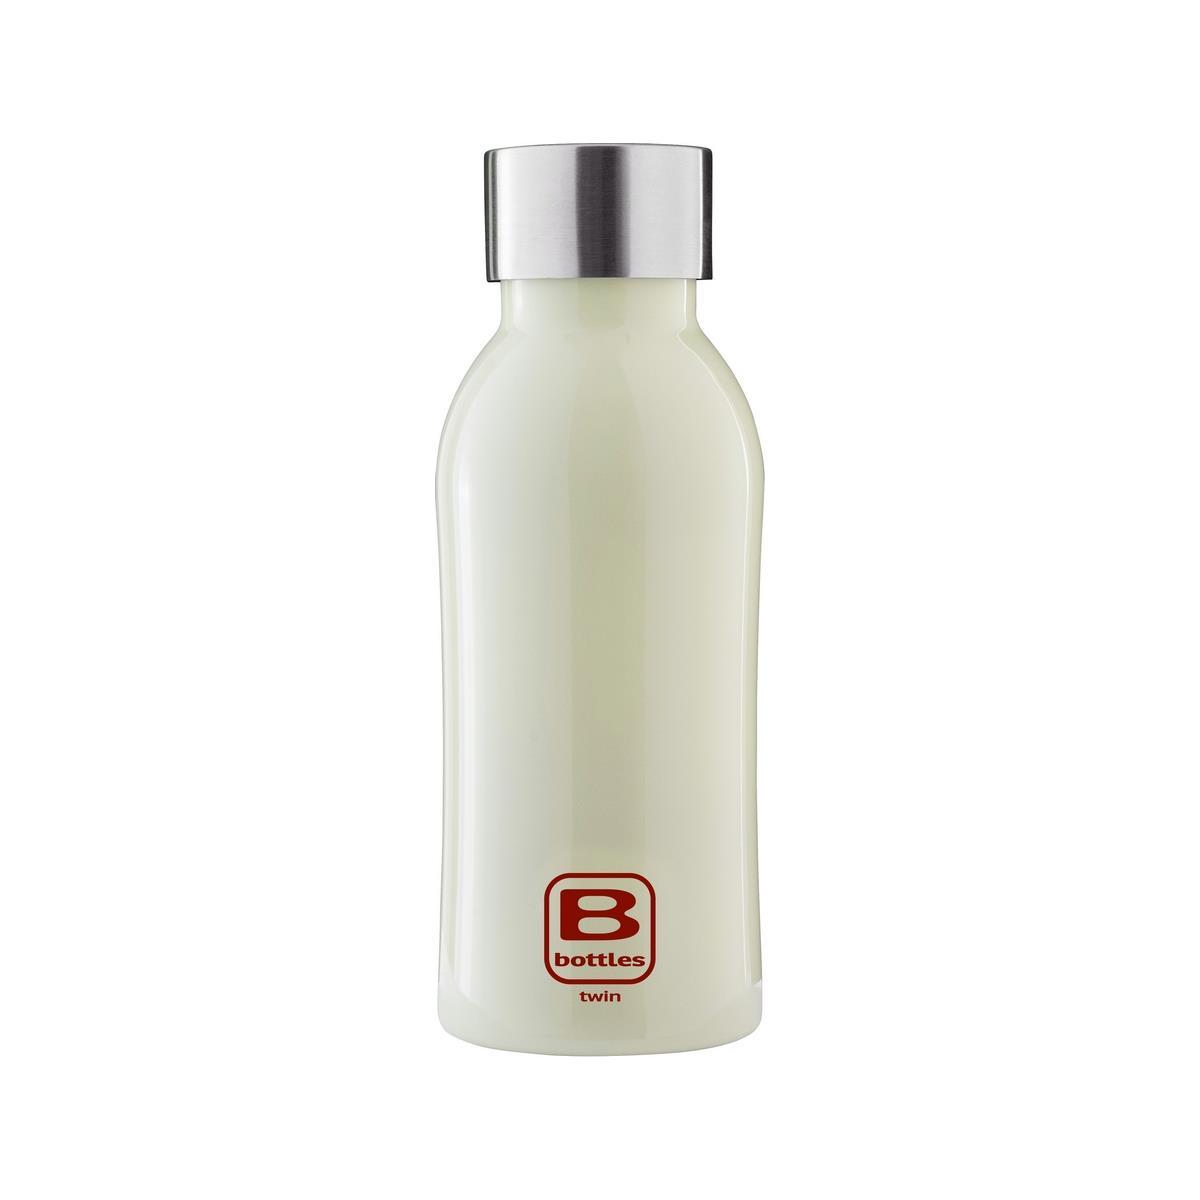 B Bottles Twin - Light Green - 350 ml - Bottiglia Termica a doppia parete in acciaio inox 18/10